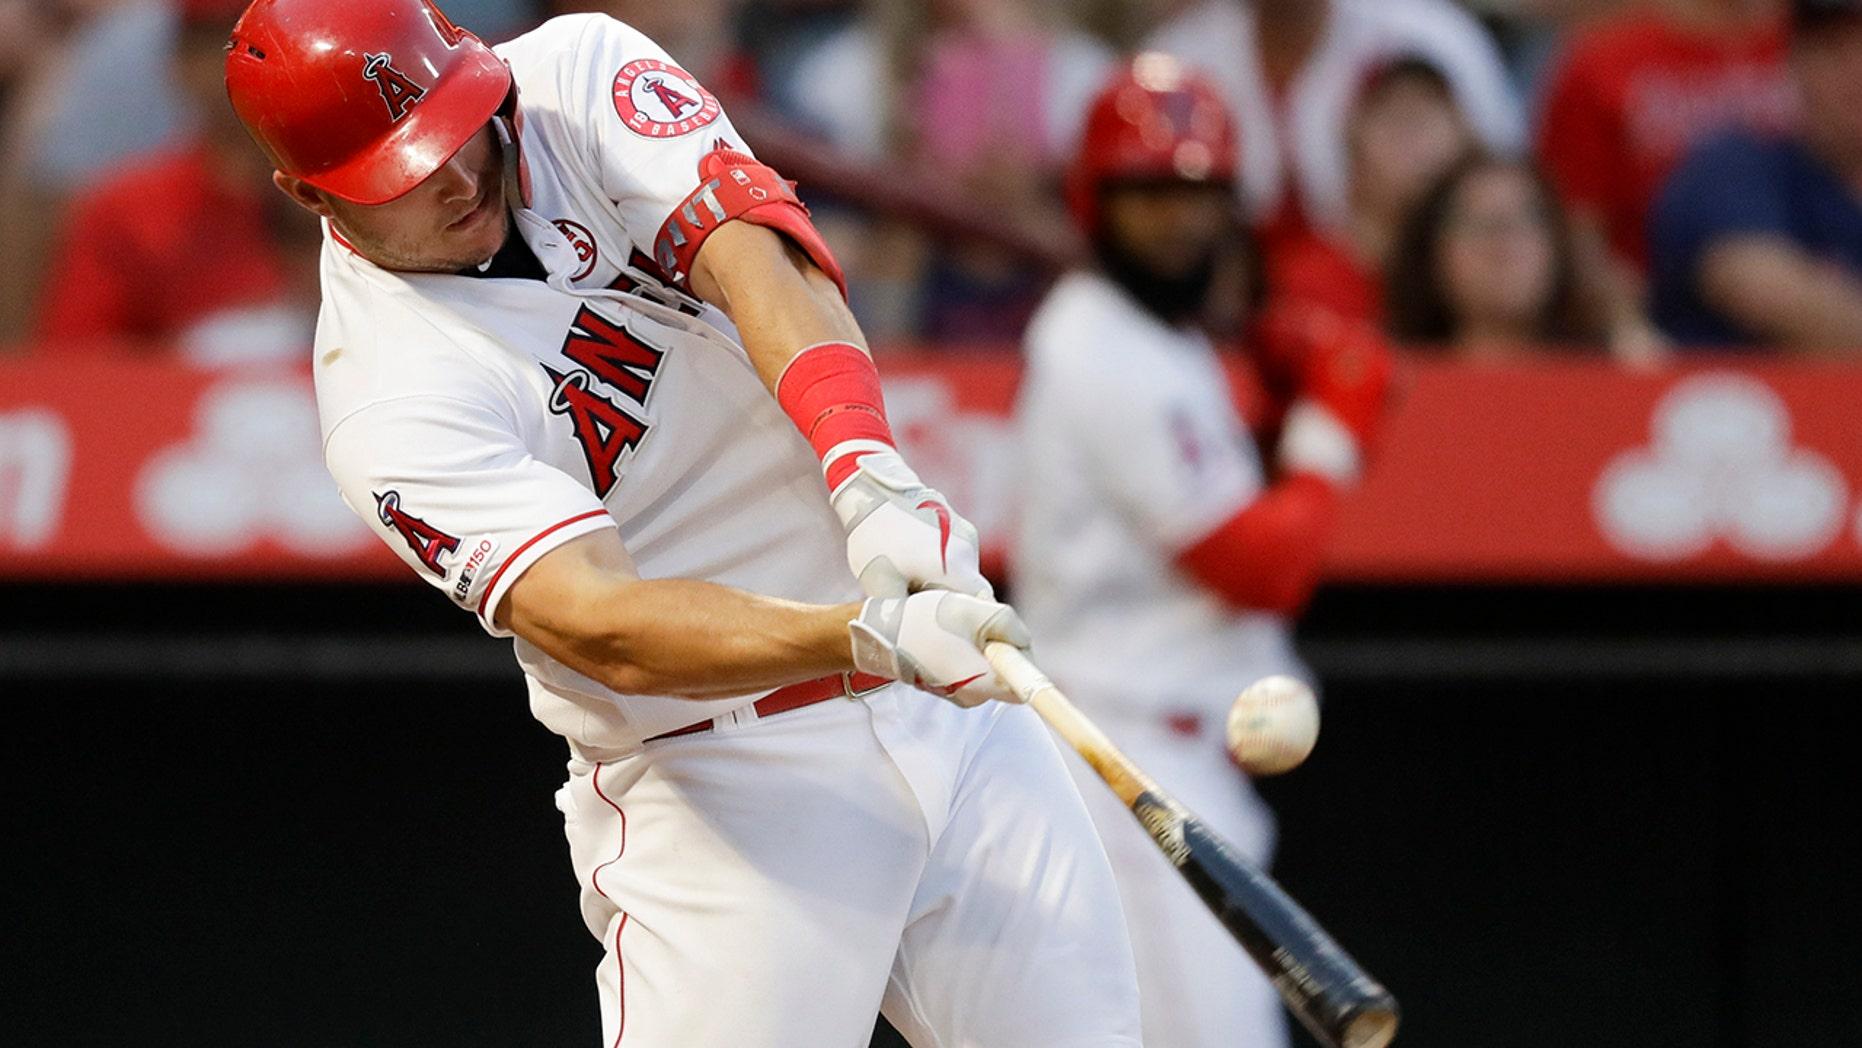 2019年8月31日星期六,洛杉矶天使队的迈克·特劳特在加利福尼亚州阿纳海姆举行的棒球比赛第二局比赛中击败了波士顿红袜队。(美联社照片/克里斯卡尔森)